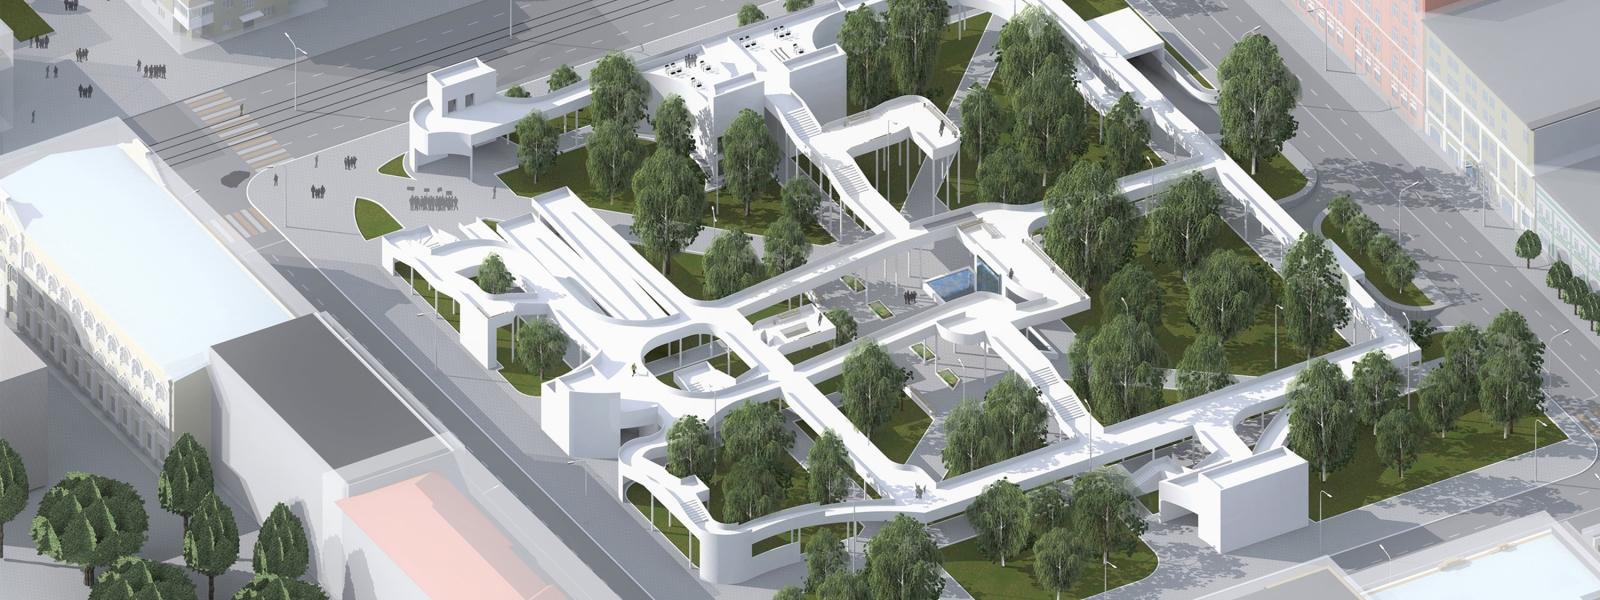 work-Проект реконструкции сквера Высоцкого в Самаре